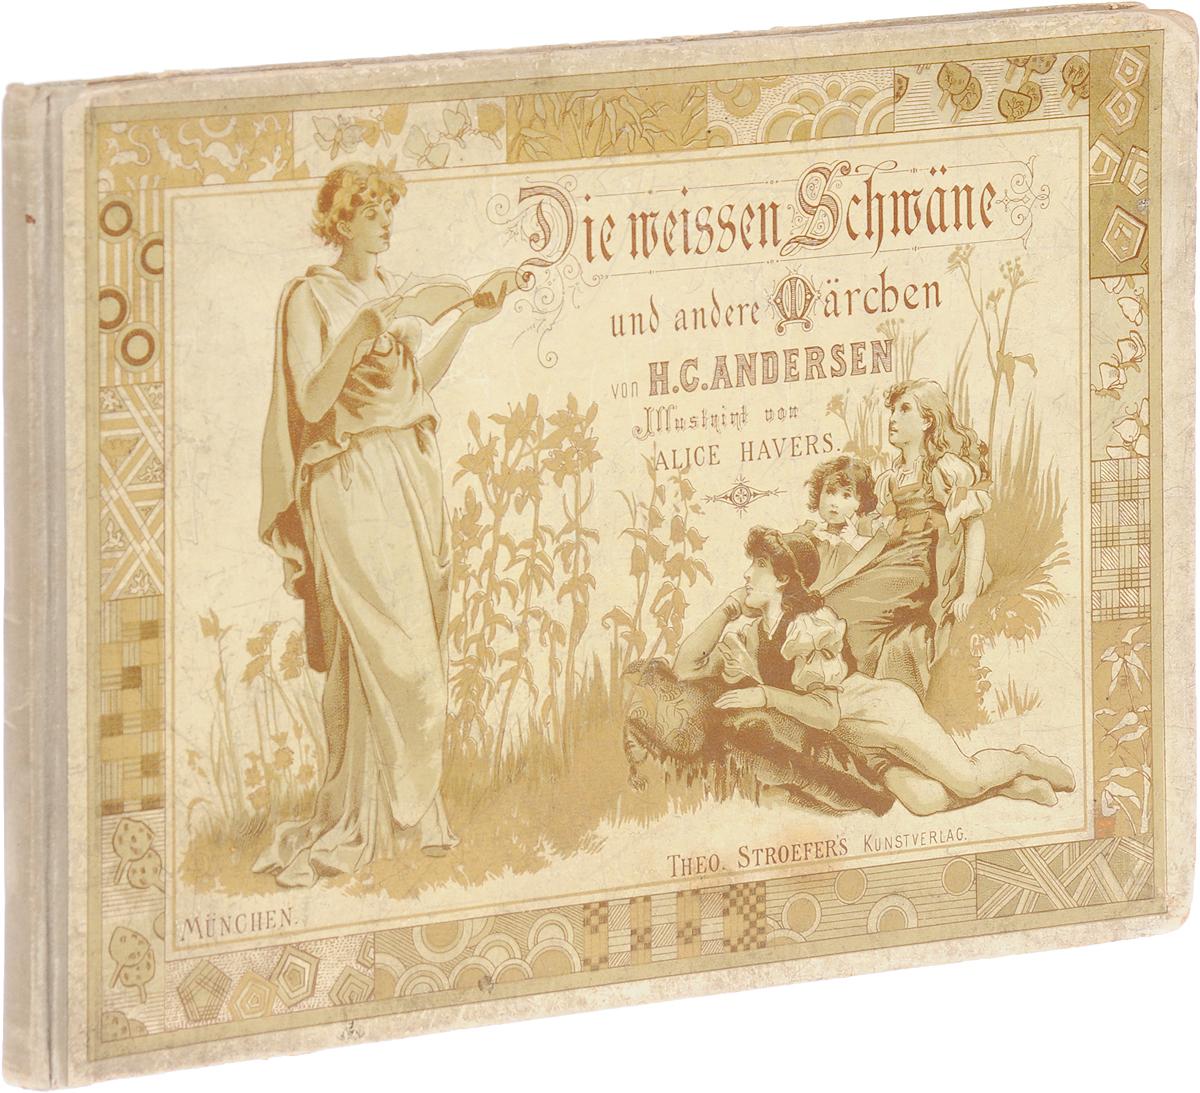 H. C. Andersen Die Weissen Schwaene und andere Maerchen